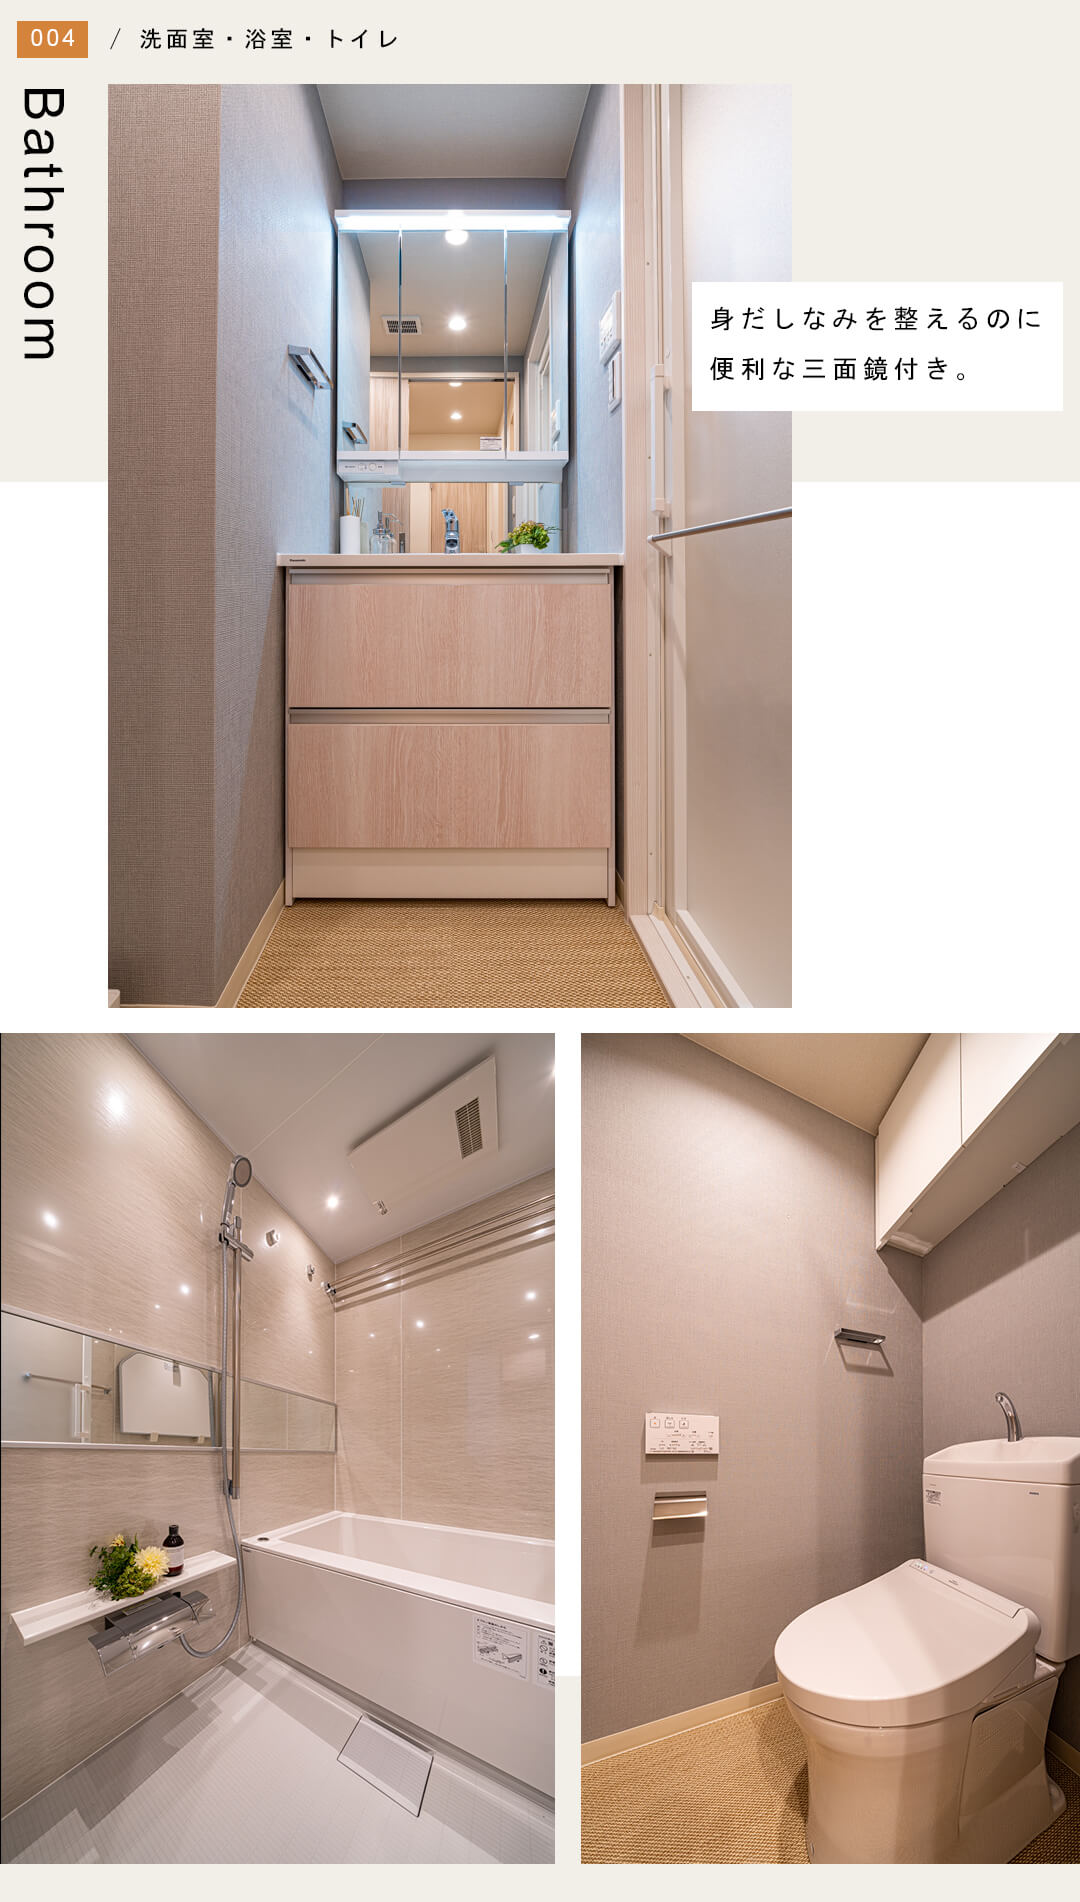 ダイナシティ高円寺の洗面室と浴室とトイレ